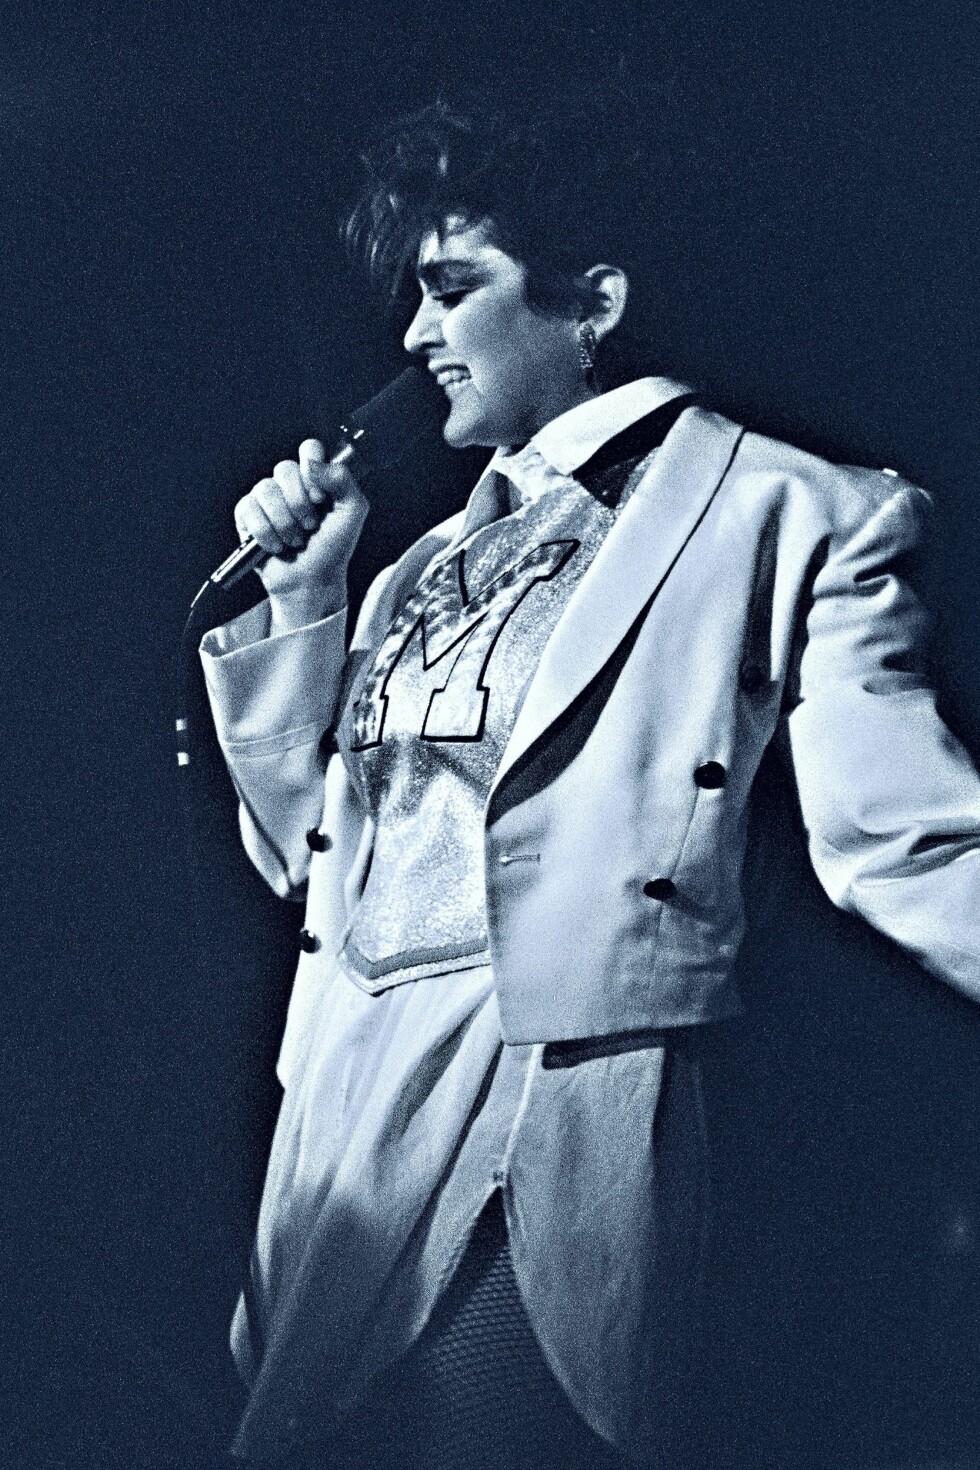 Det er ikke en Elvis-parodi, det er derimot Madonna, frontfigur i bandet Breakfast Club, som hun spilte med på midten av 80-tallet. Madonna begynte sin karriere som trommis i Breakfast Club.